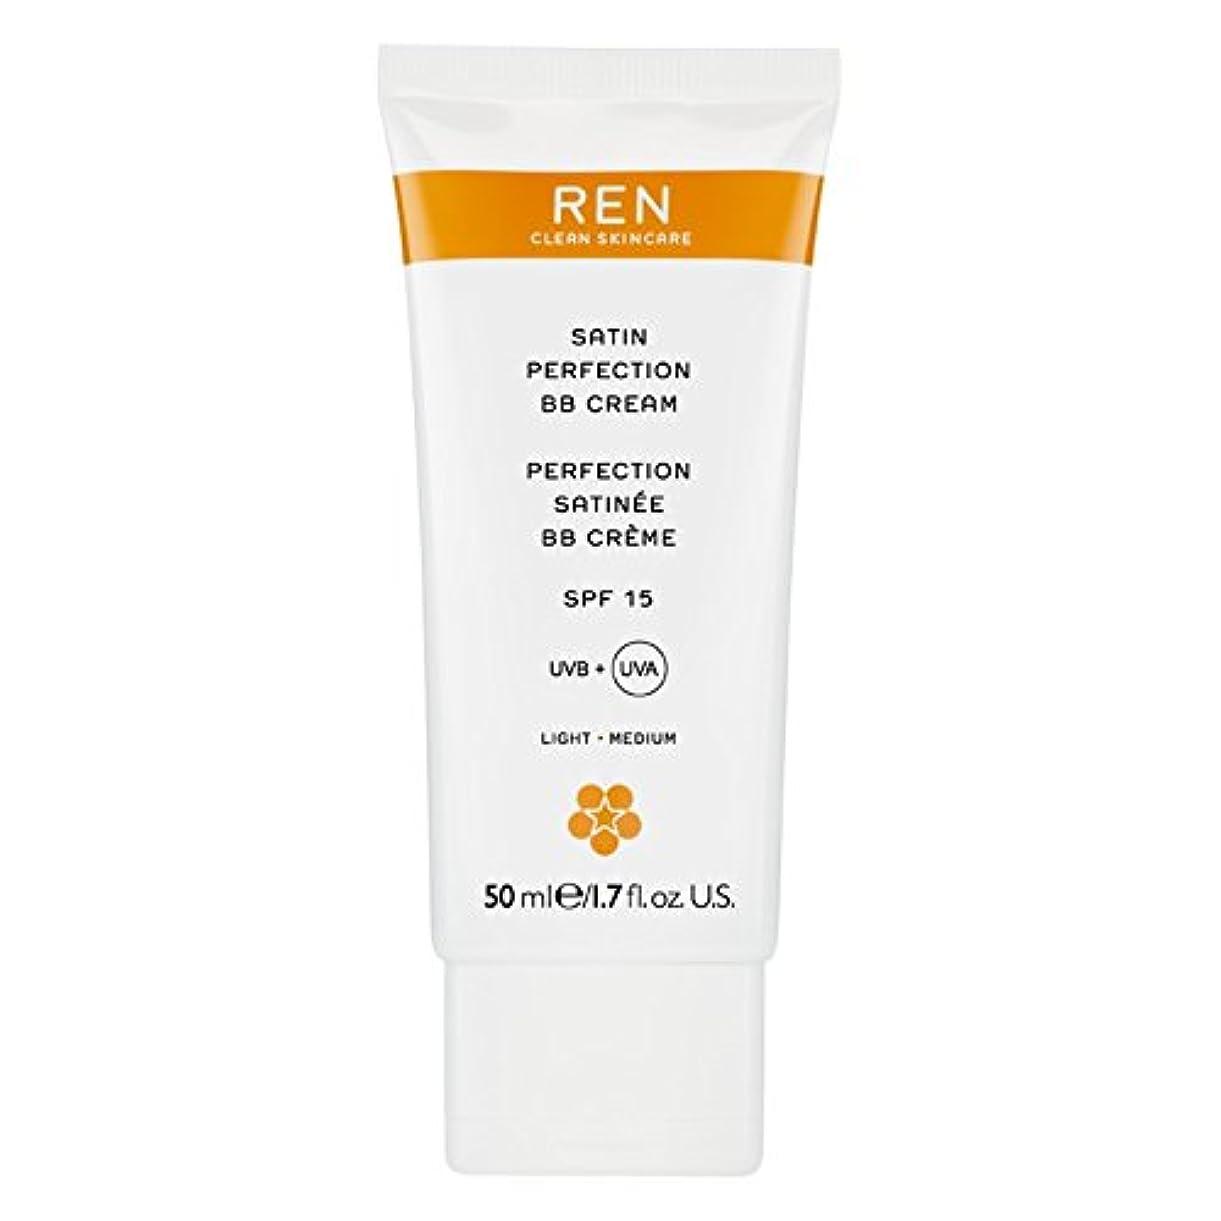 キャリア前兆失われたRenサテン完璧Bbクリーム50ミリリットル (REN) (x6) - REN Satin Perfection BB Cream 50ml (Pack of 6) [並行輸入品]